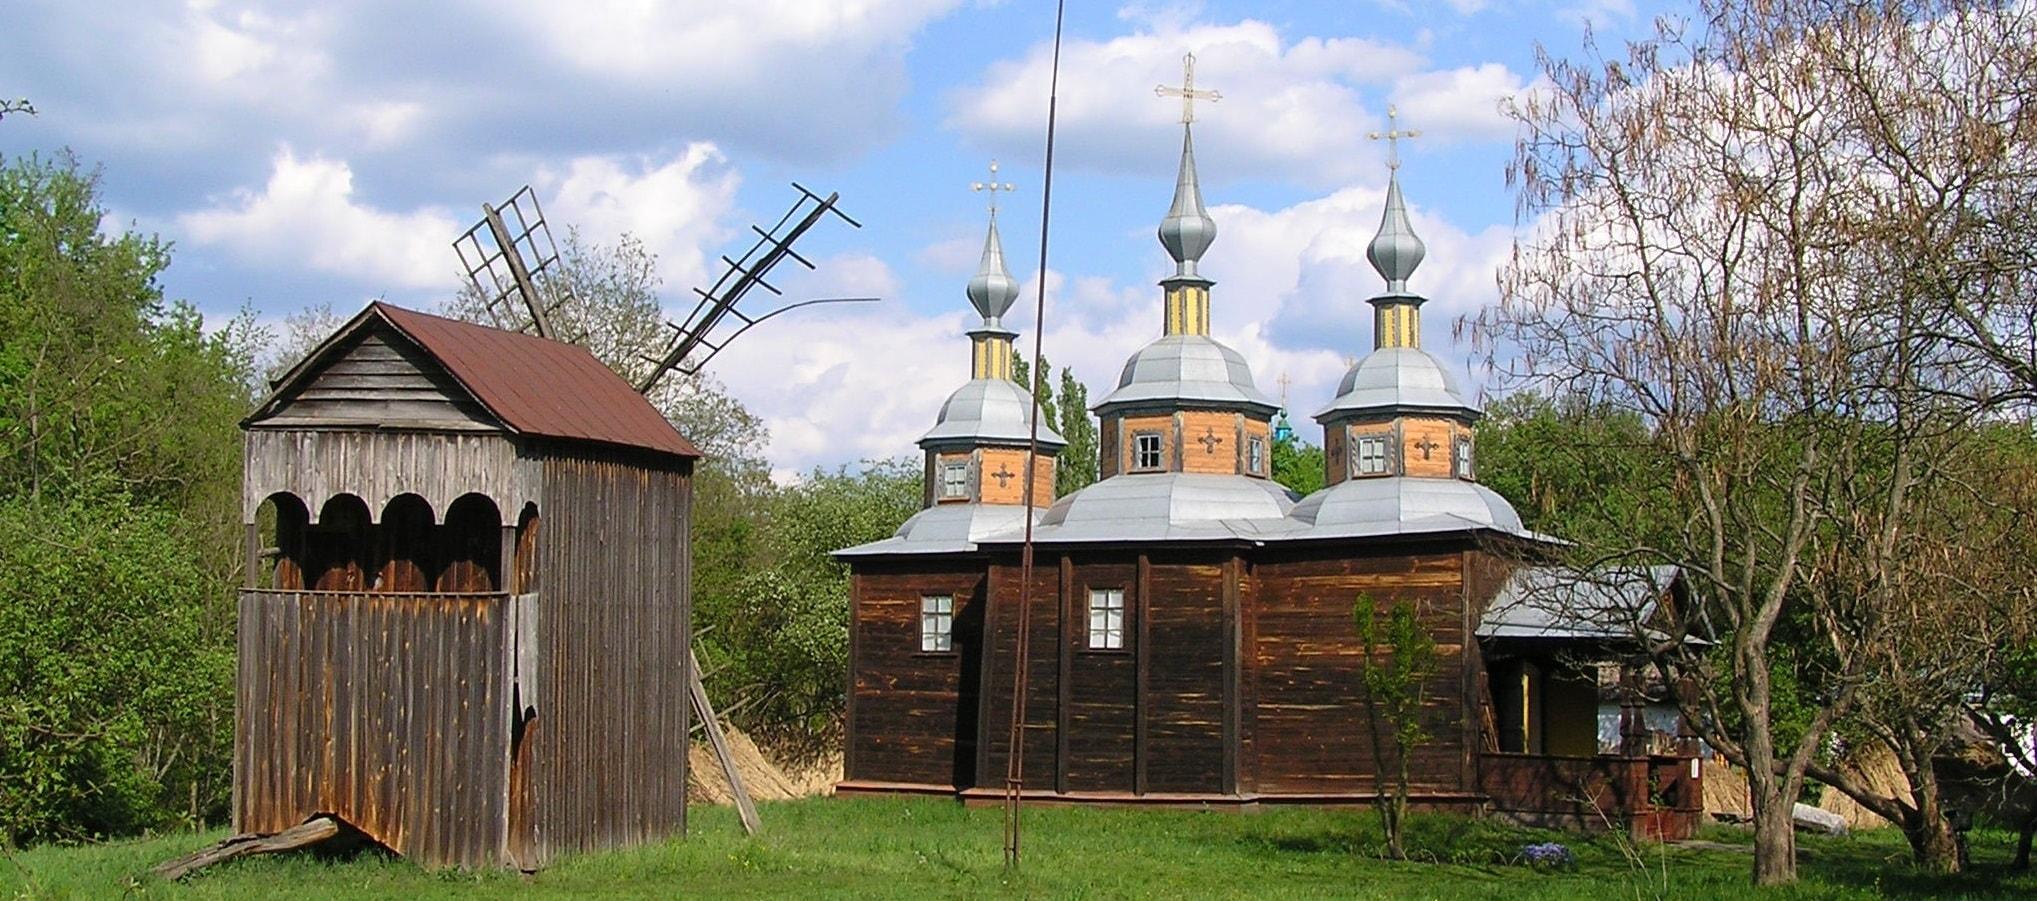 Переяслав-Хмельницкий. Музей народной архитектуры